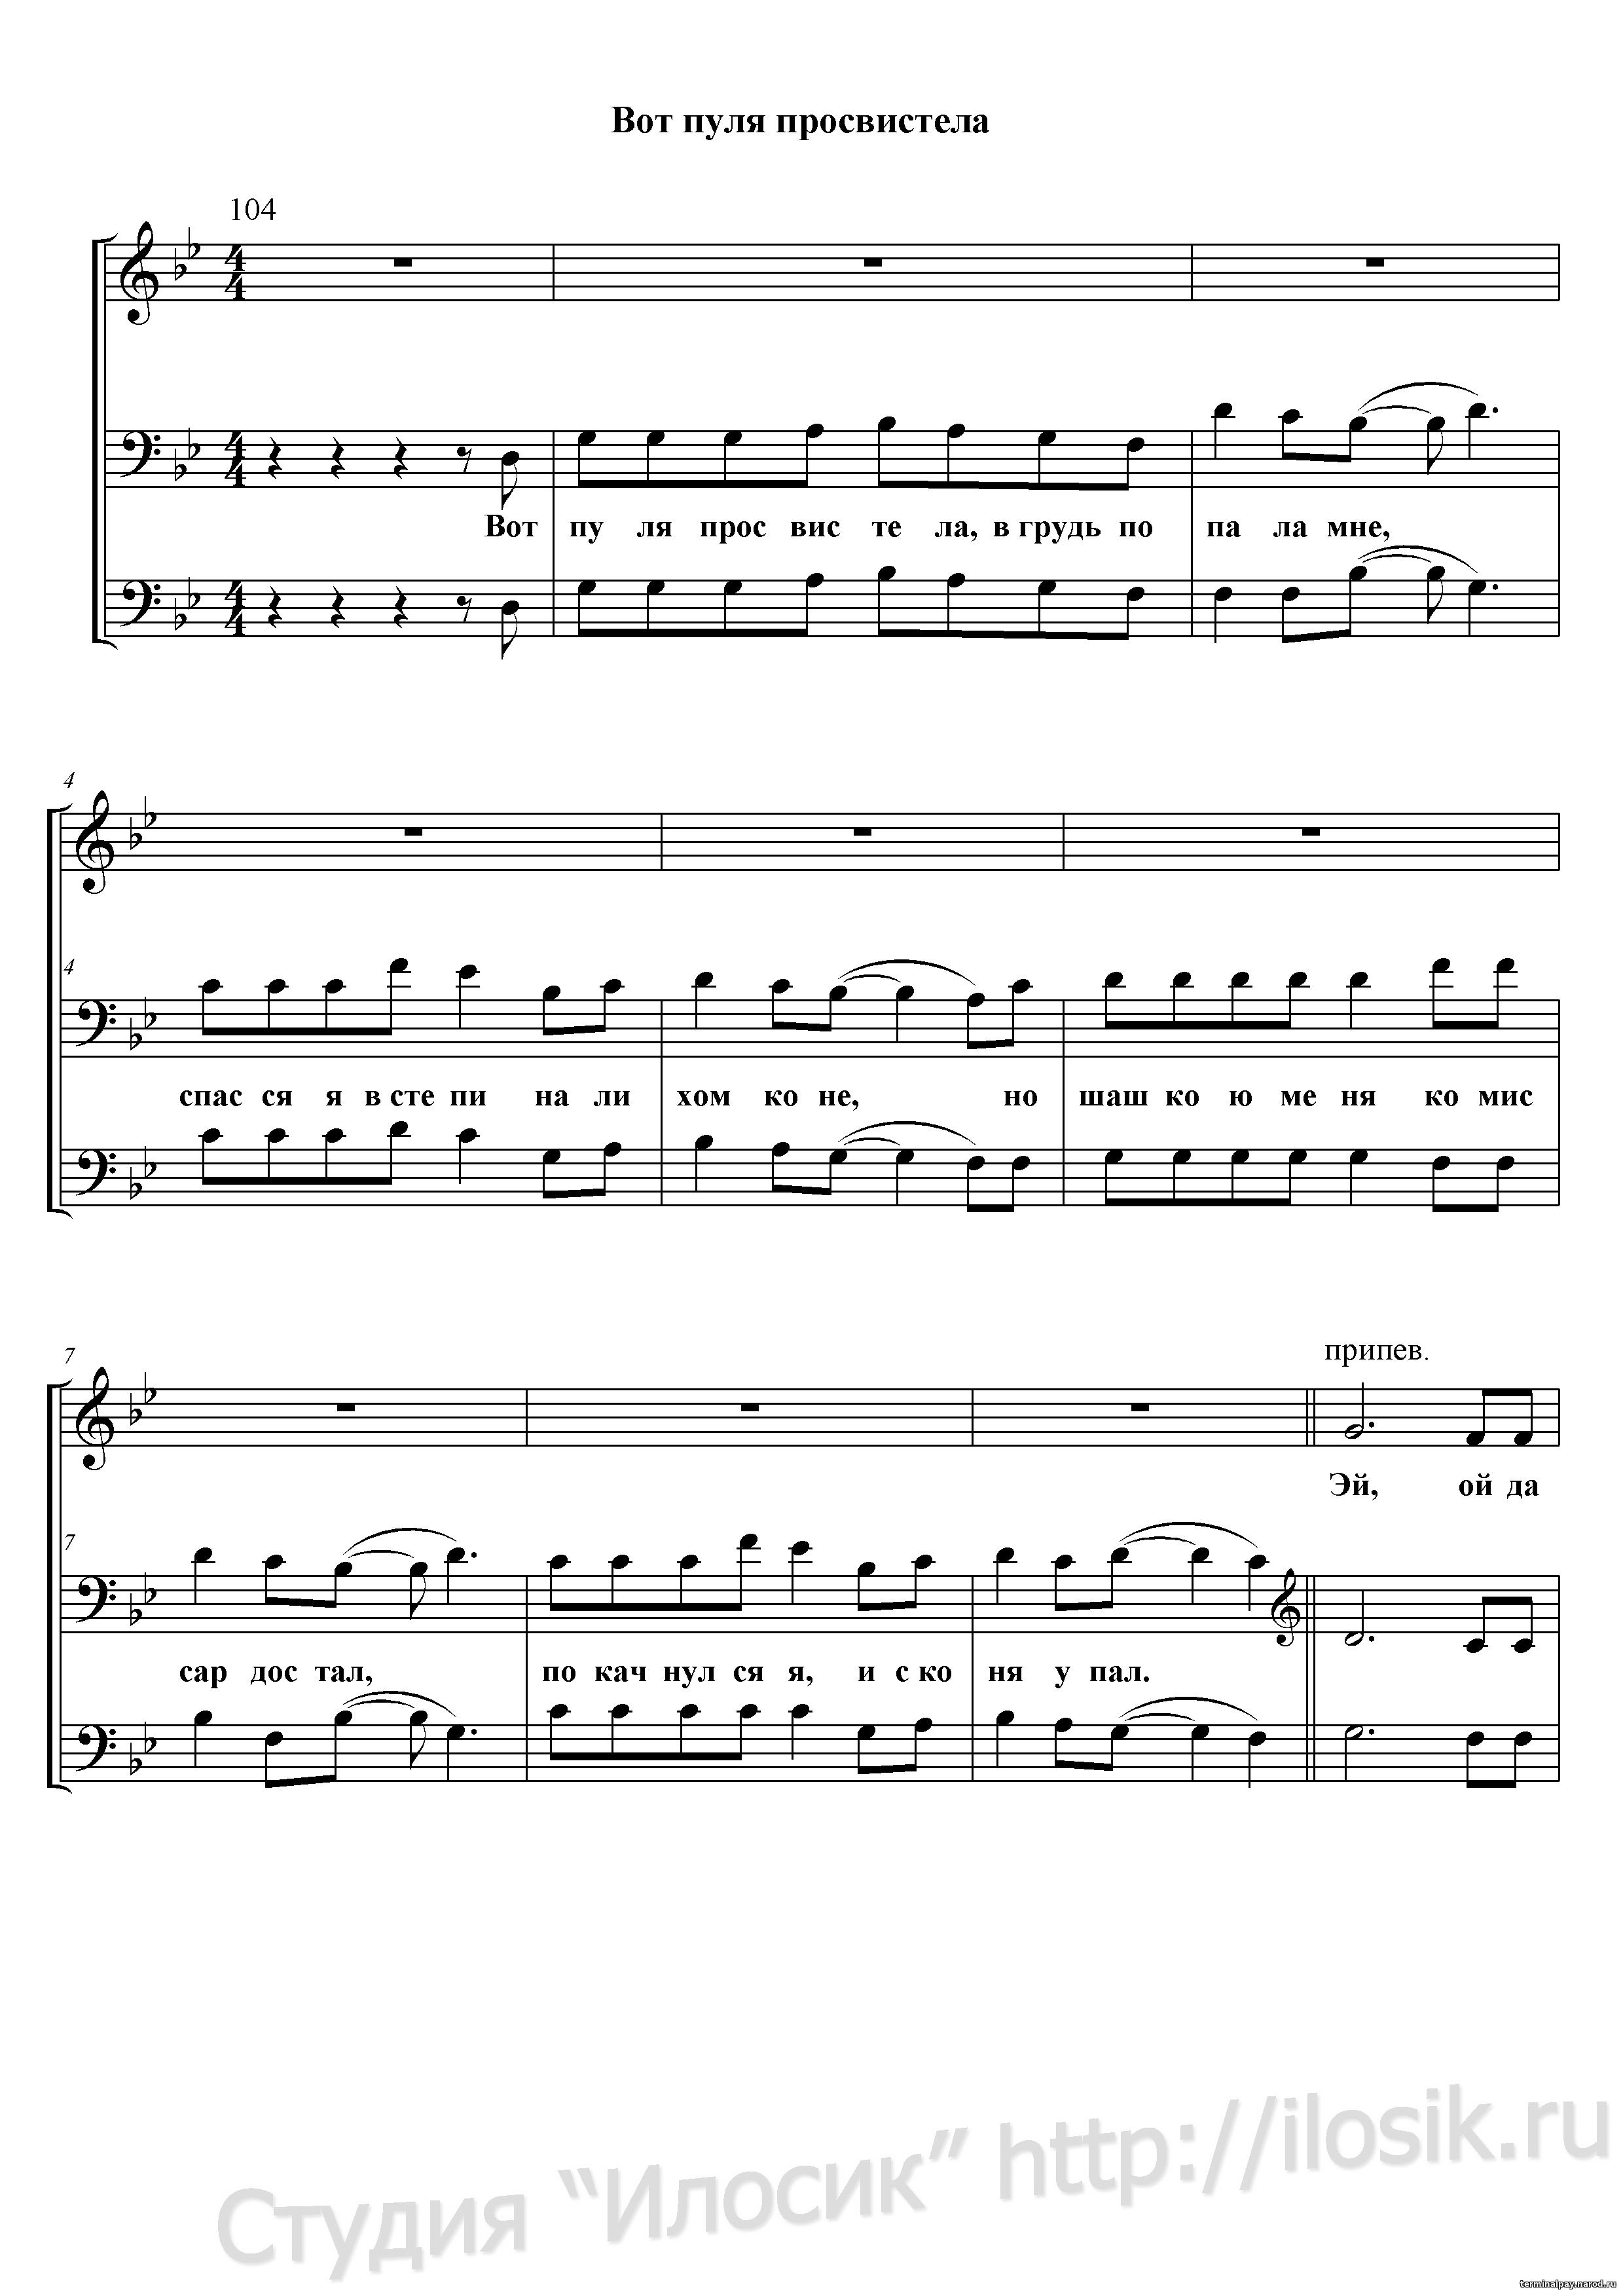 ВОТ ПУЛЯ ПРОСВИСТЕЛА ПЕСНЯ СКАЧАТЬ БЕСПЛАТНО